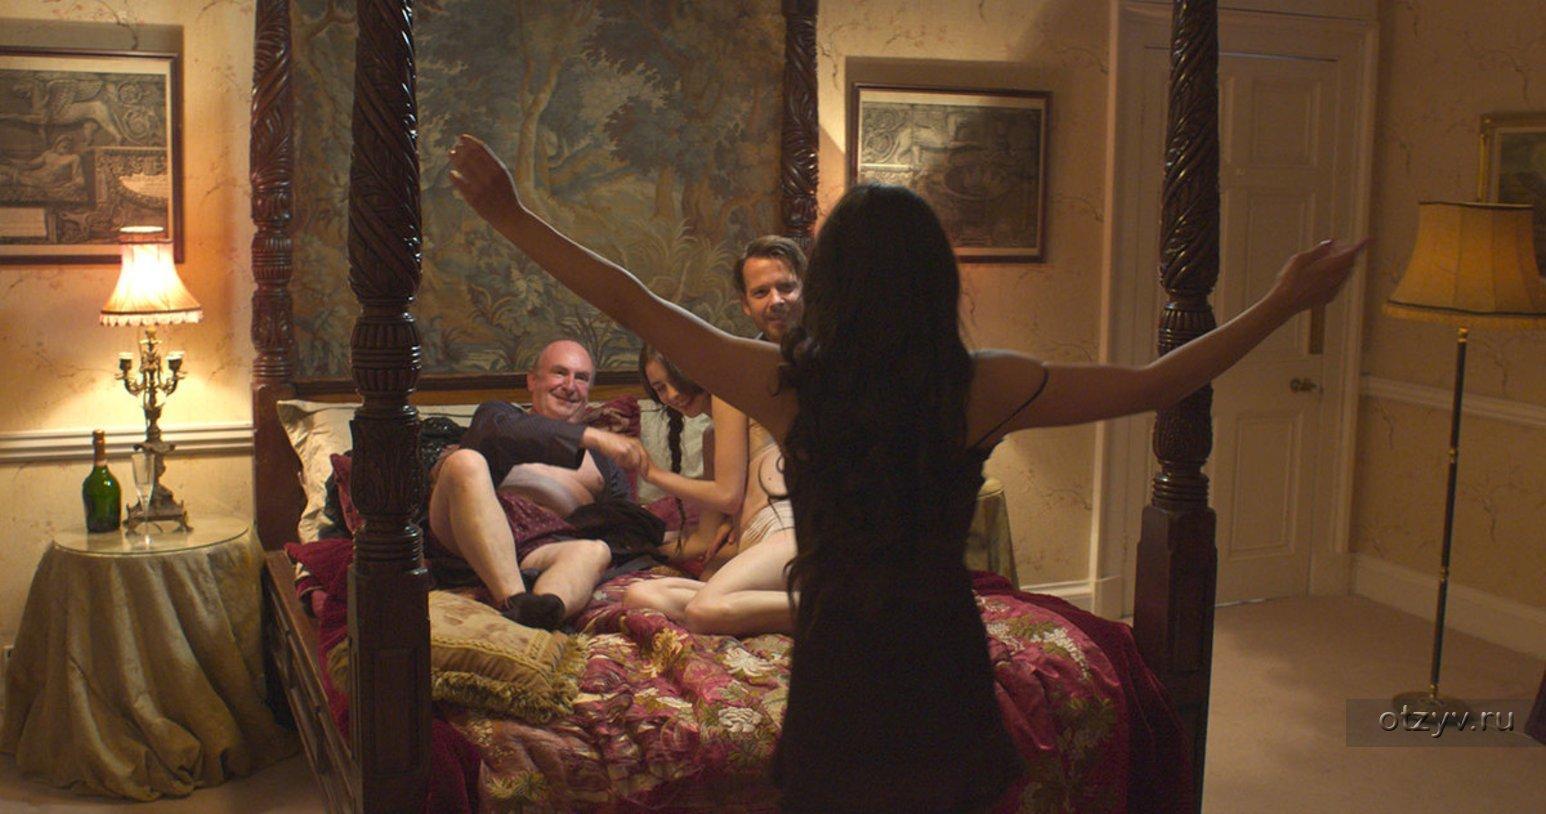 Секс 1080p онлайн, Порно. Только лучшее порно видео в full HD 17 фотография